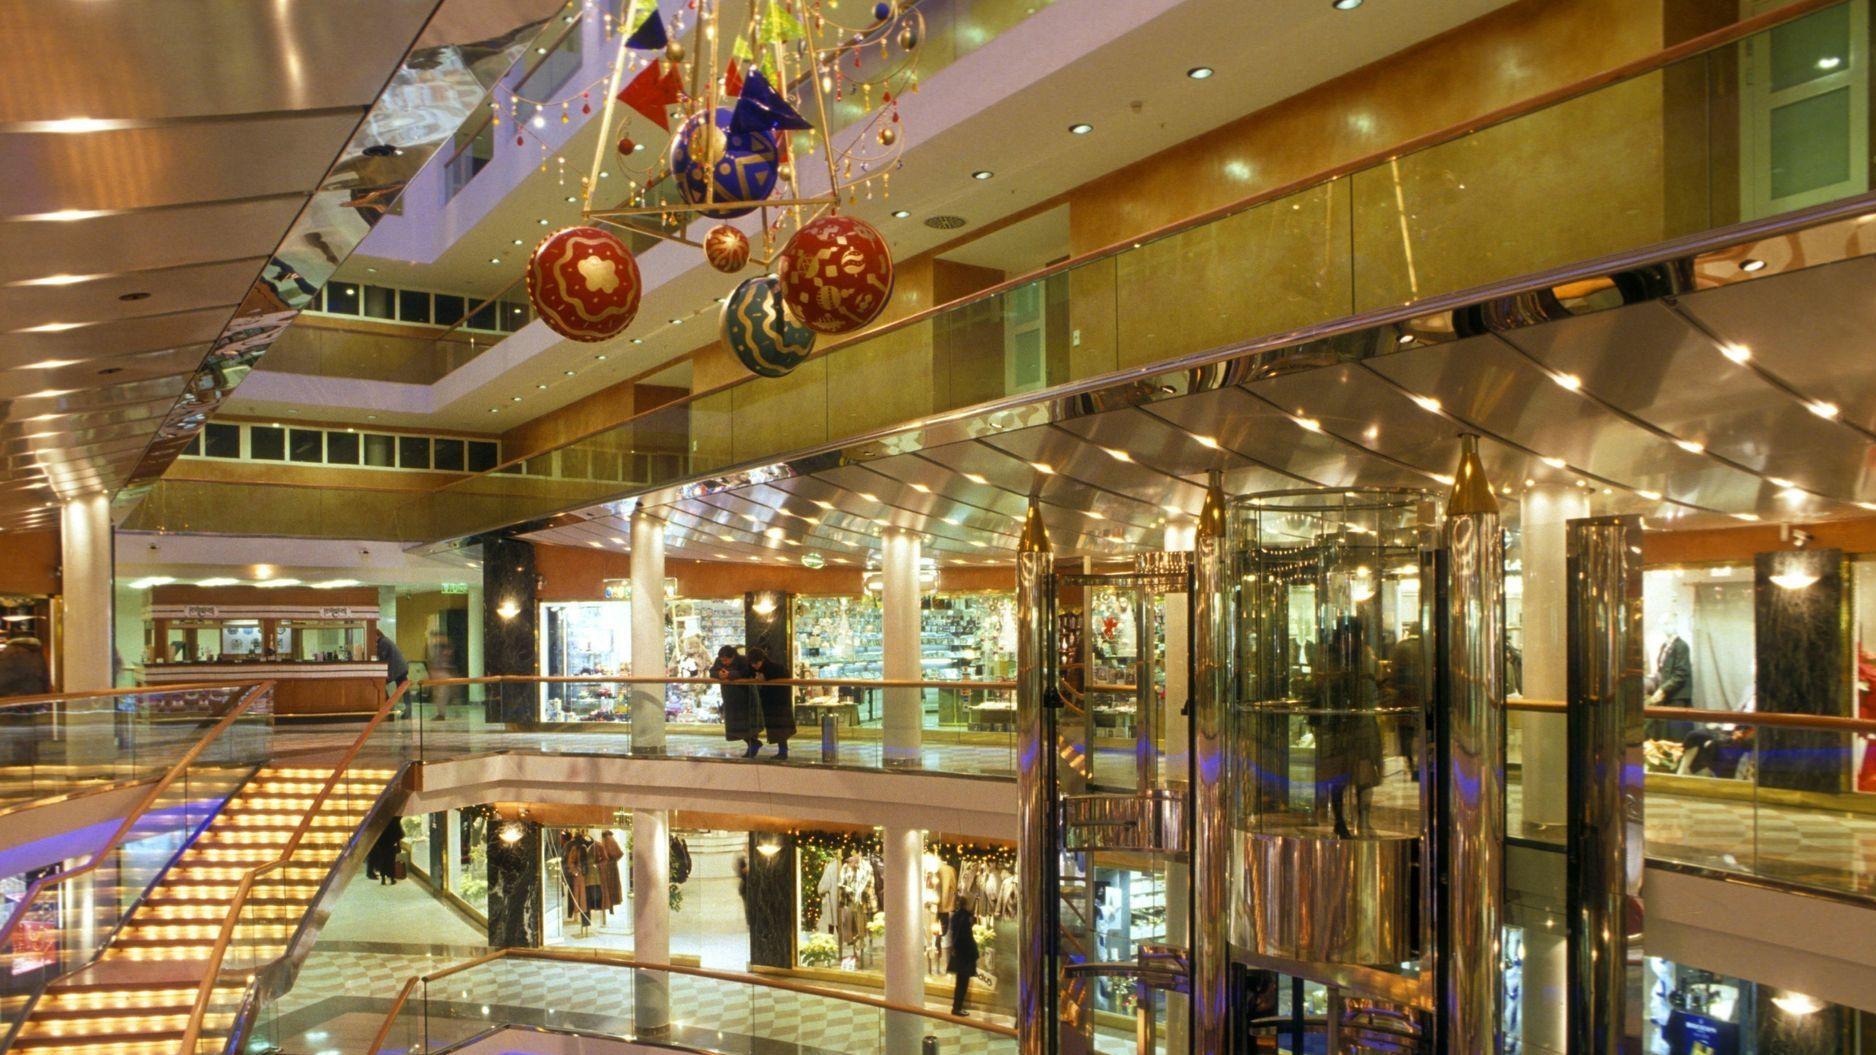 Weihnachtlich geschmücktes Einkaufszentrum